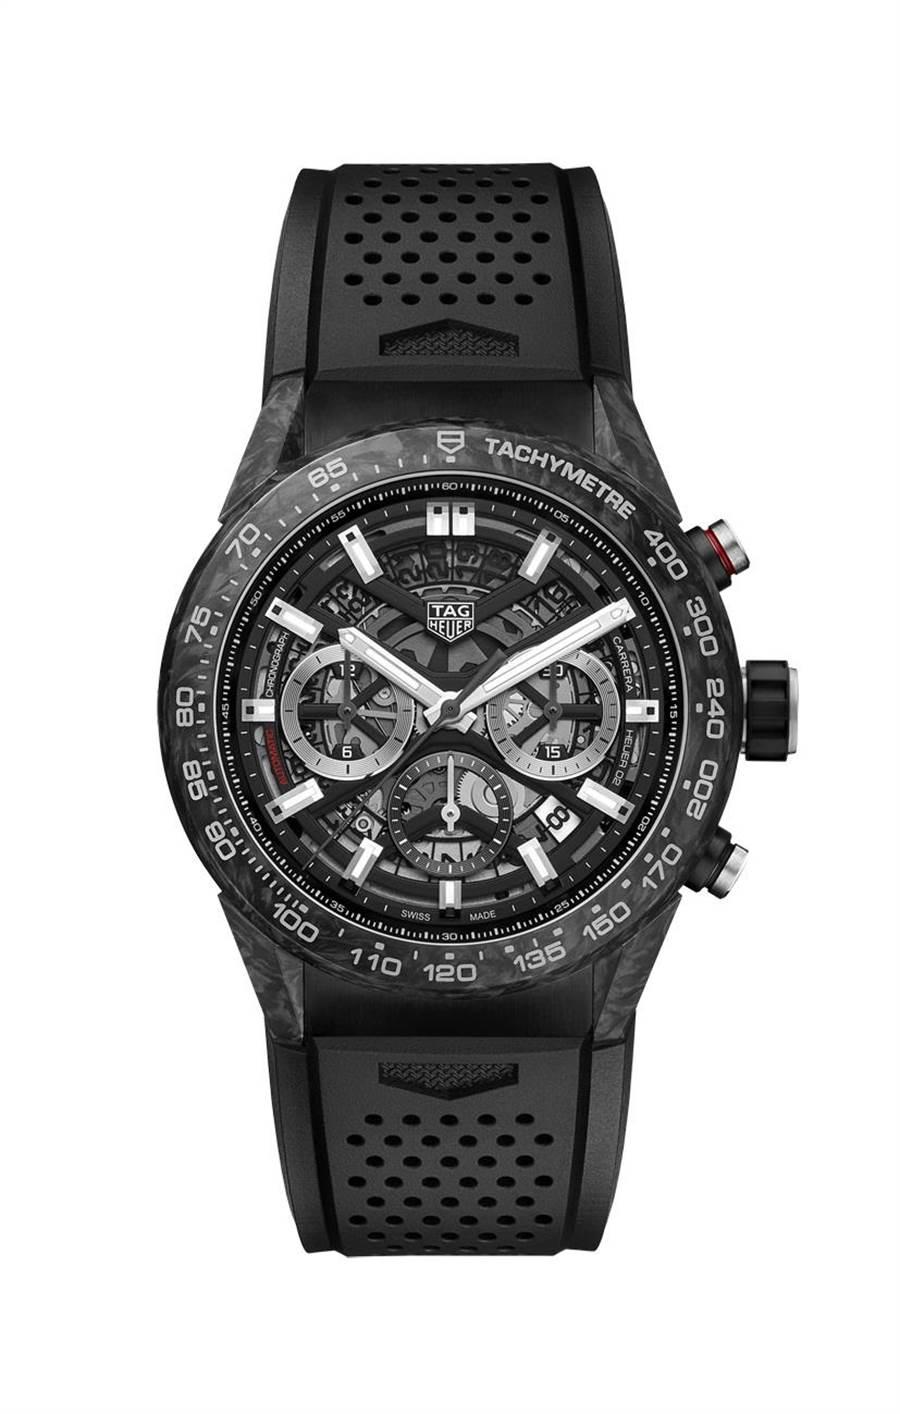 泰格豪雅Carrera Heuer 02精鋼碳纖維計時腕表,碳纖維表耳表圈,23萬8900元。(TAG Heuer提供)